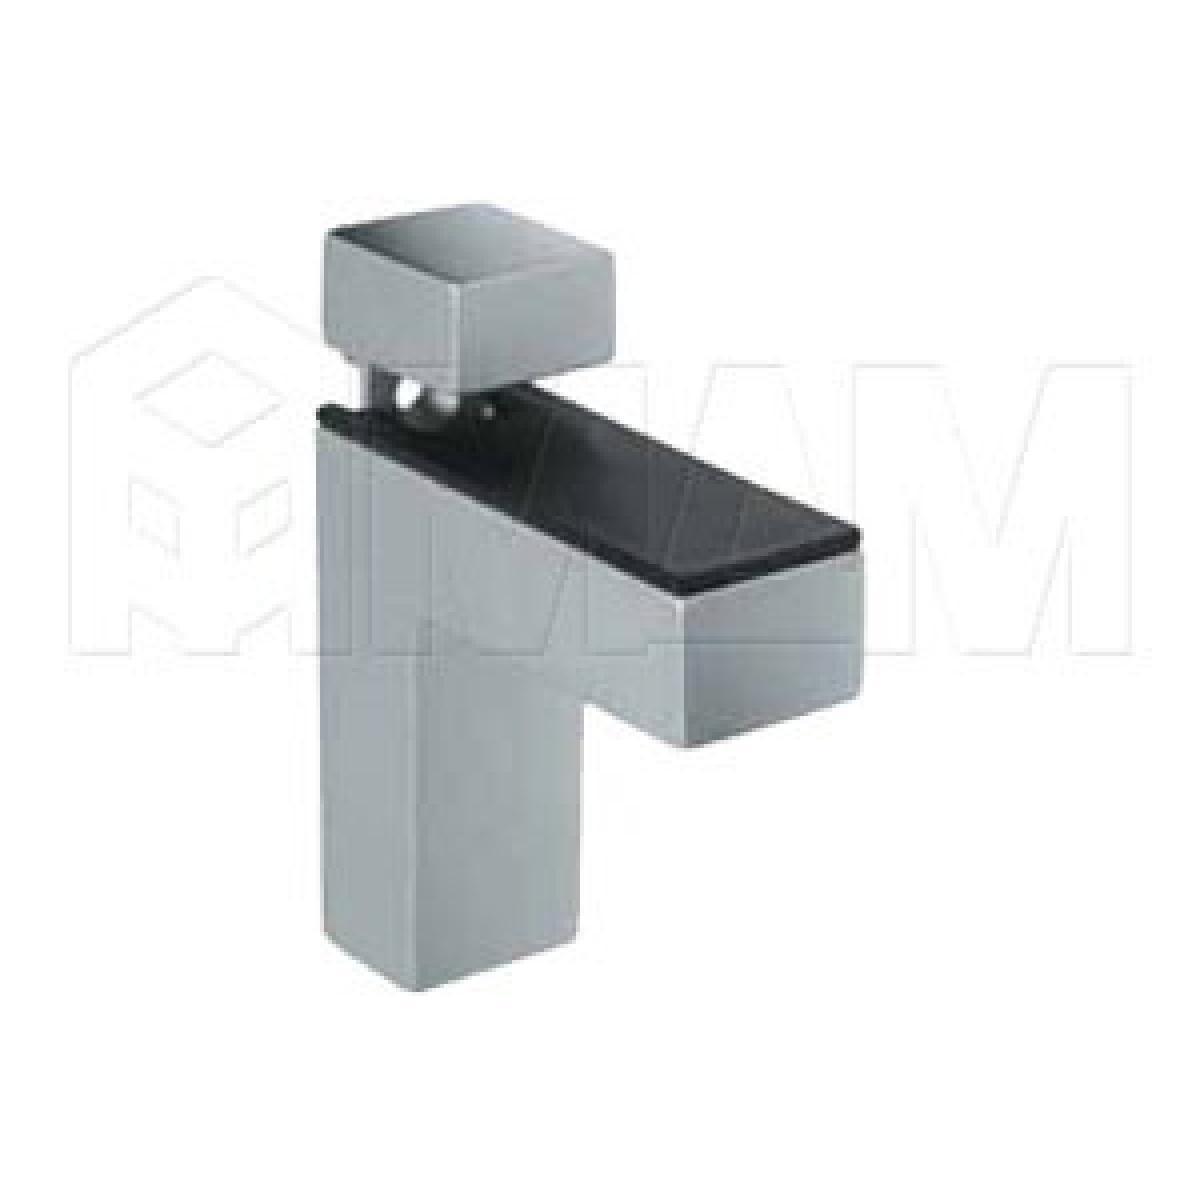 КВАДРО Менсолодержатель 24х66 мм для деревянных и стеклянных полок 4 - 40 мм, хром матовый